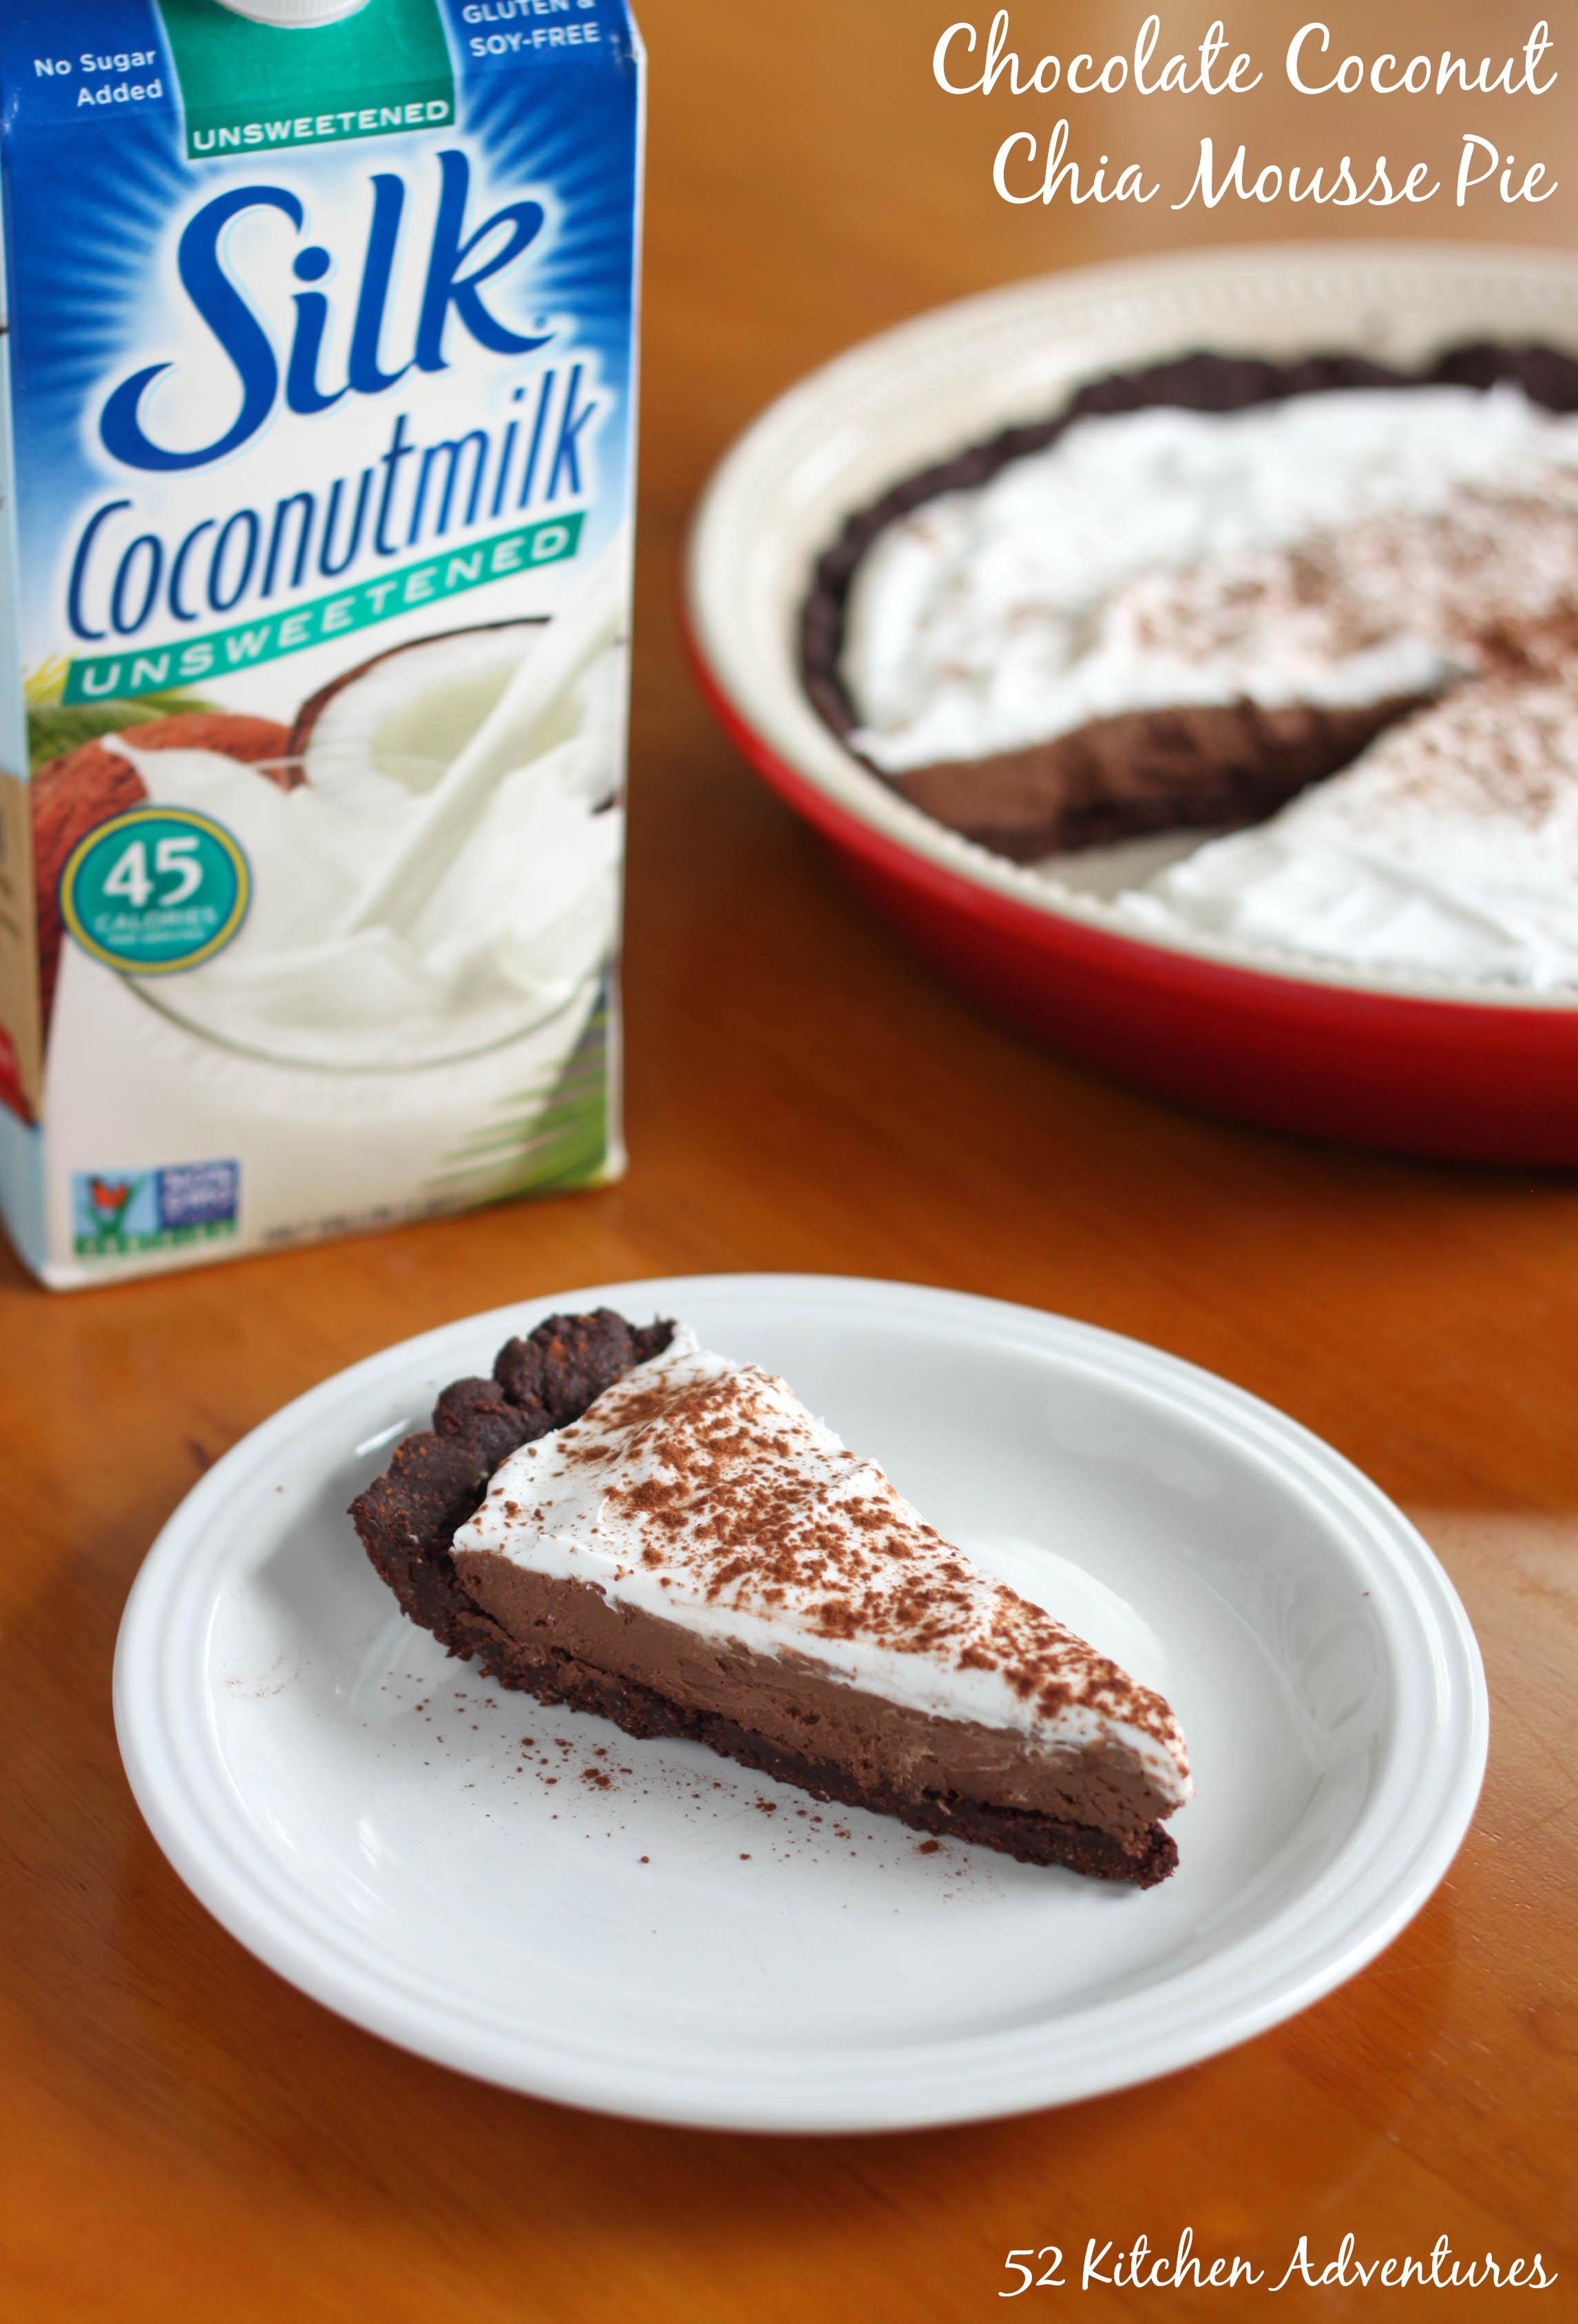 Chocolate Coconut Chia Mousse Pie (Vegan & Grain Free)